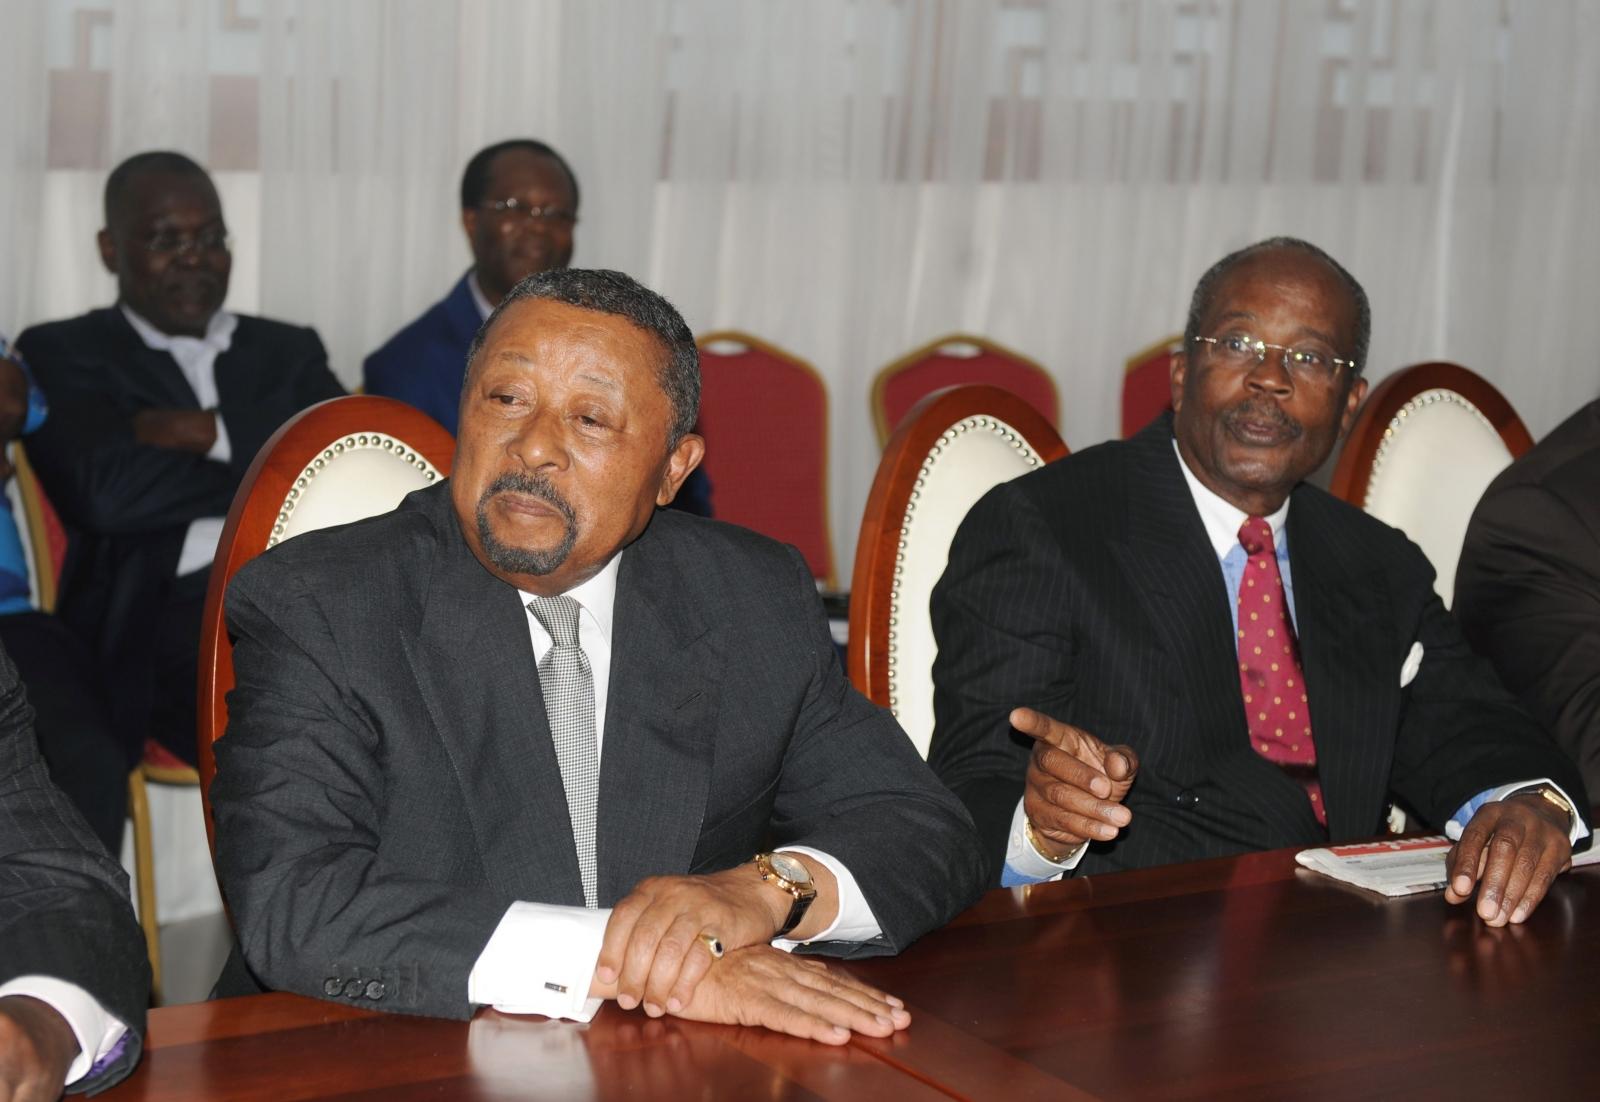 Gabon's opposition